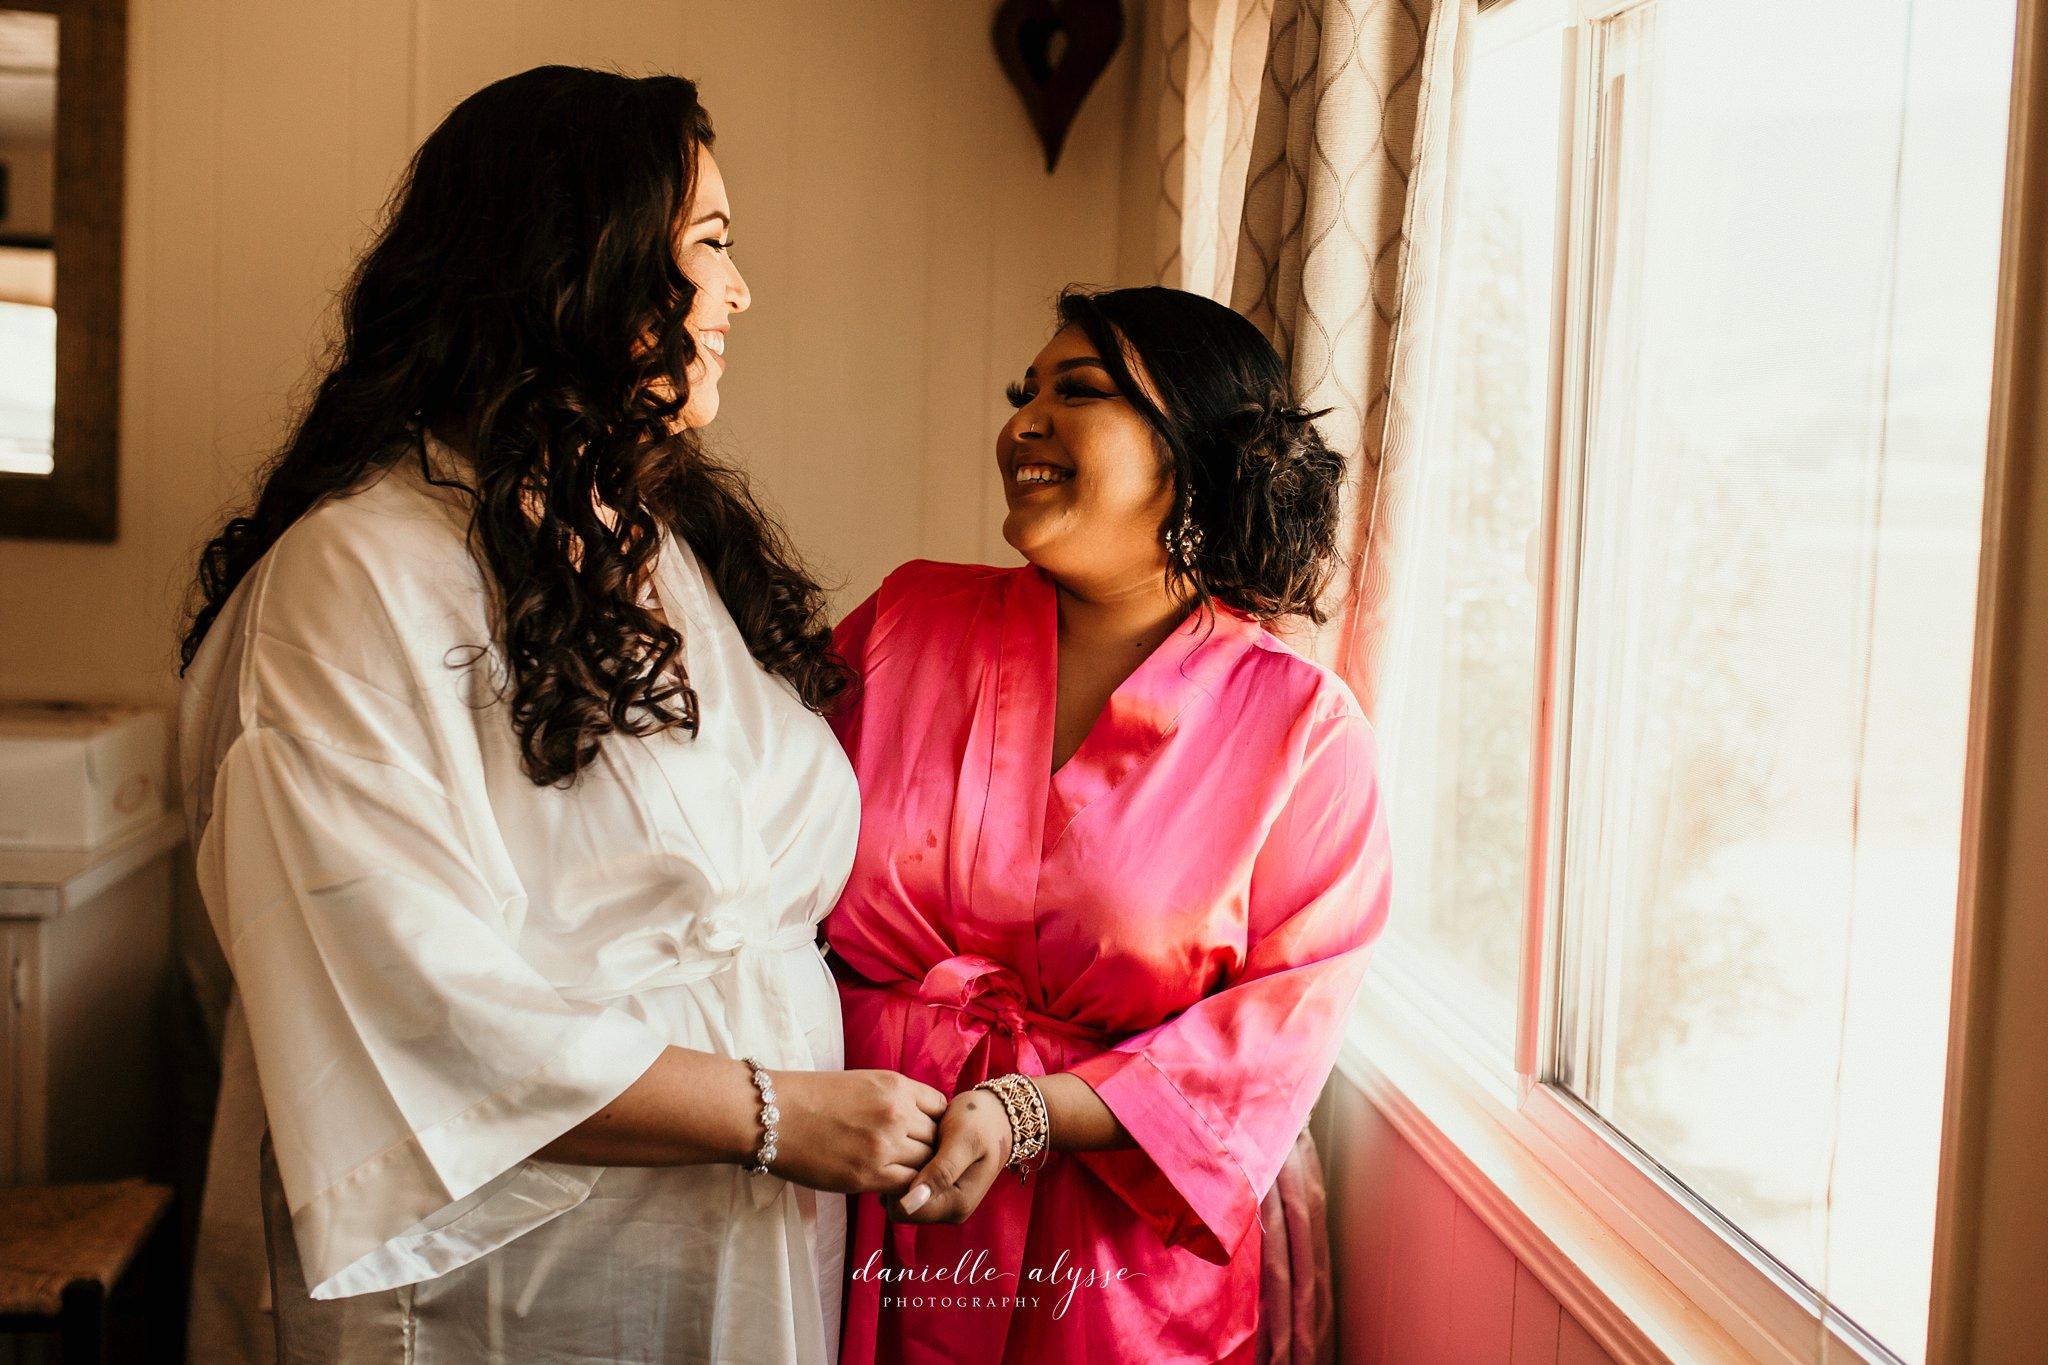 180630_wedding_lily_ryan_mission_soledad_california_danielle_alysse_photography_blog_166_WEB.jpg